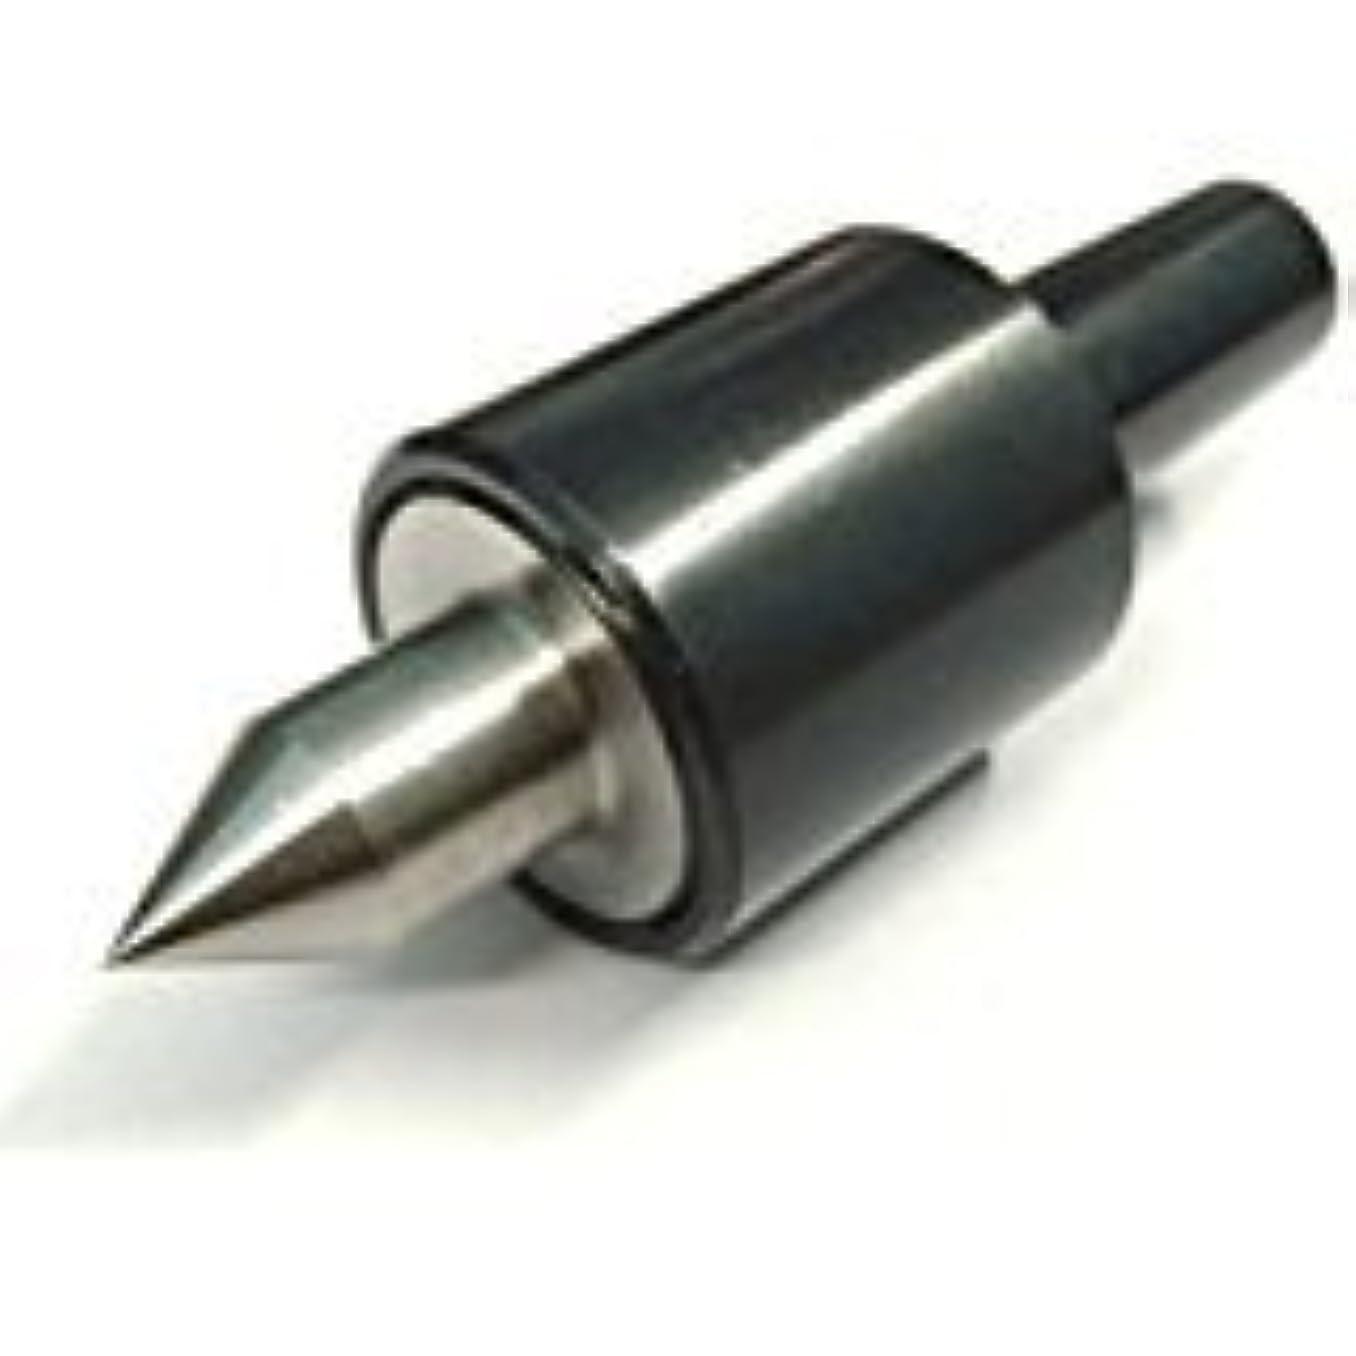 Mini Lathe Live Revolving Center MT0 Shank Triple Bearing Precision